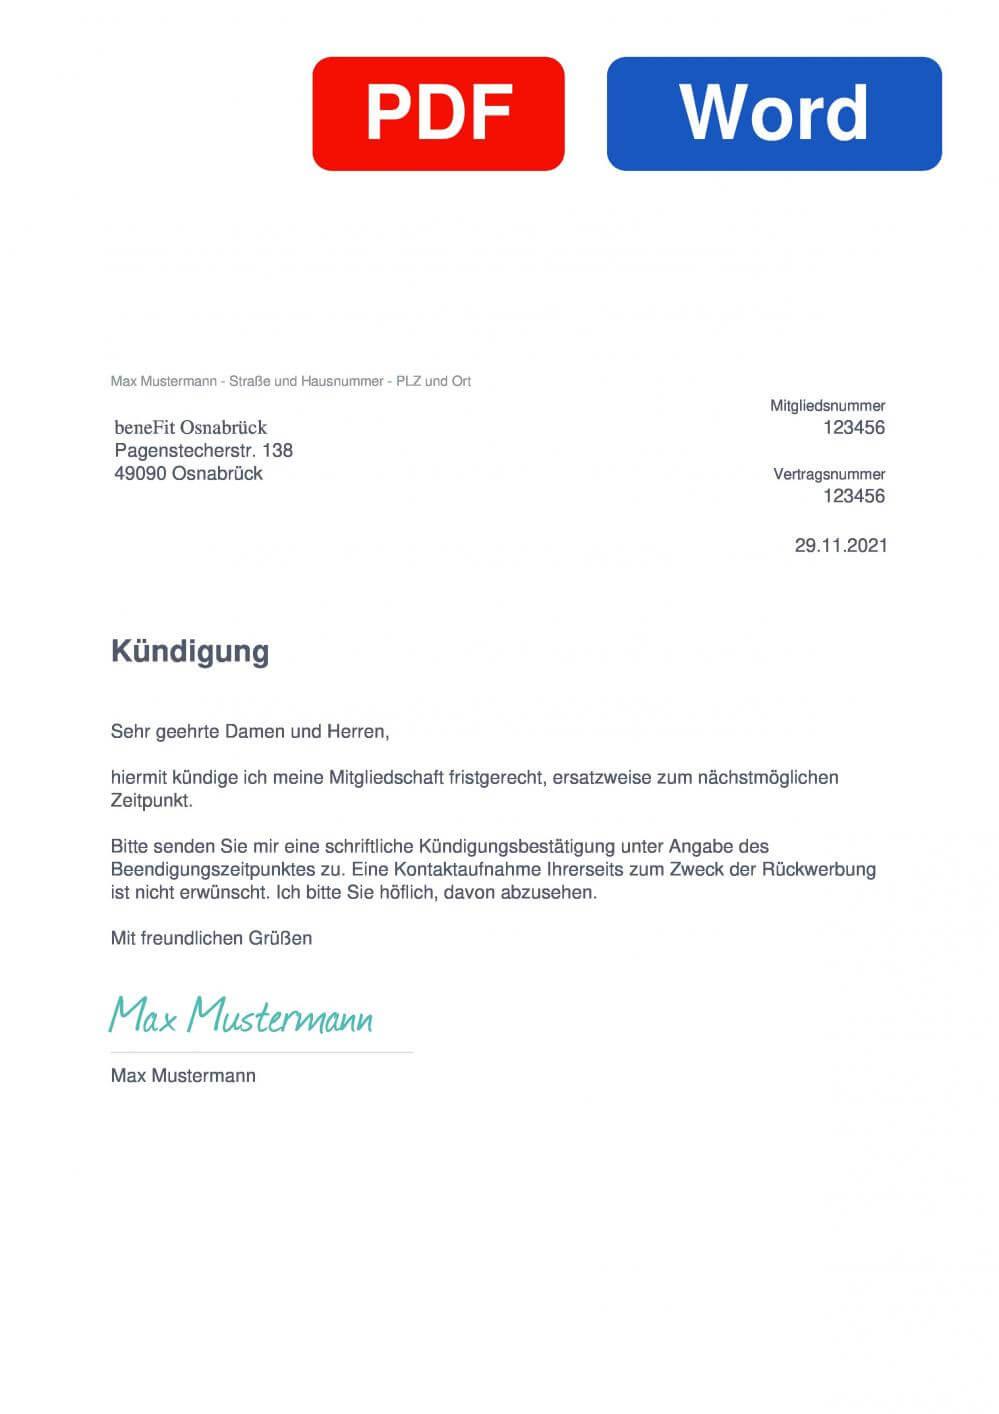 beneFit Osnabrück Muster Vorlage für Kündigungsschreiben